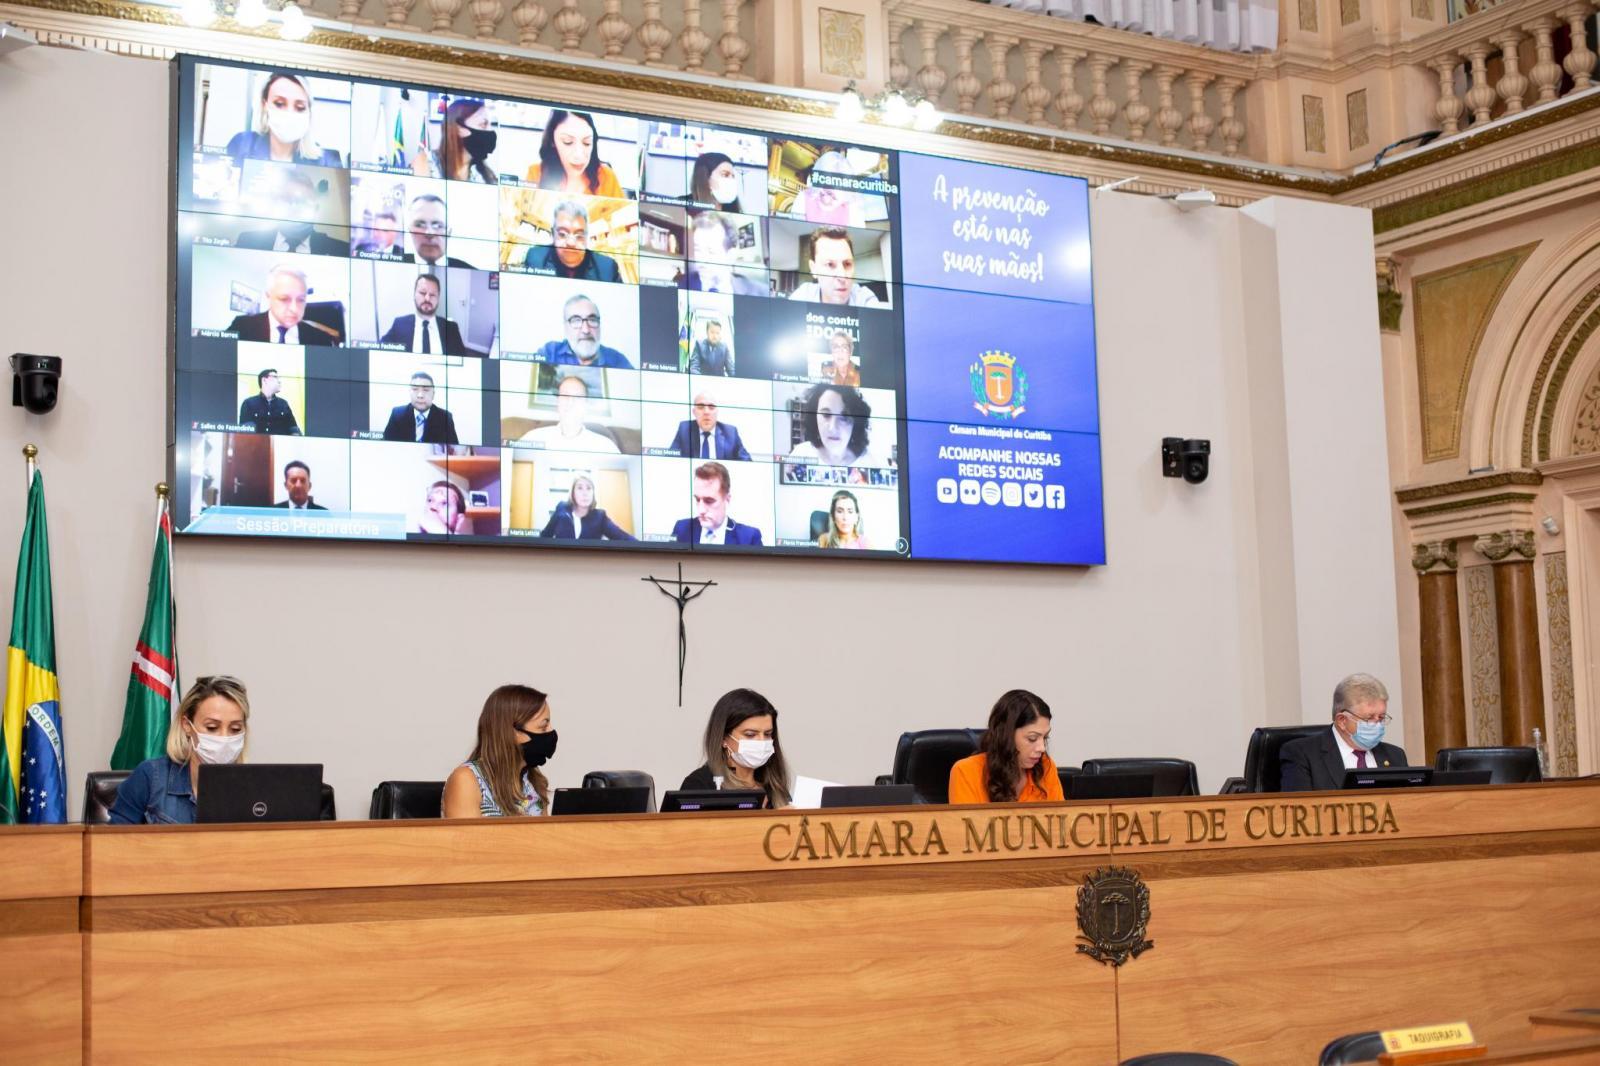 Diplomados, vereadores da 18ª legislatura têm sessão preparatória